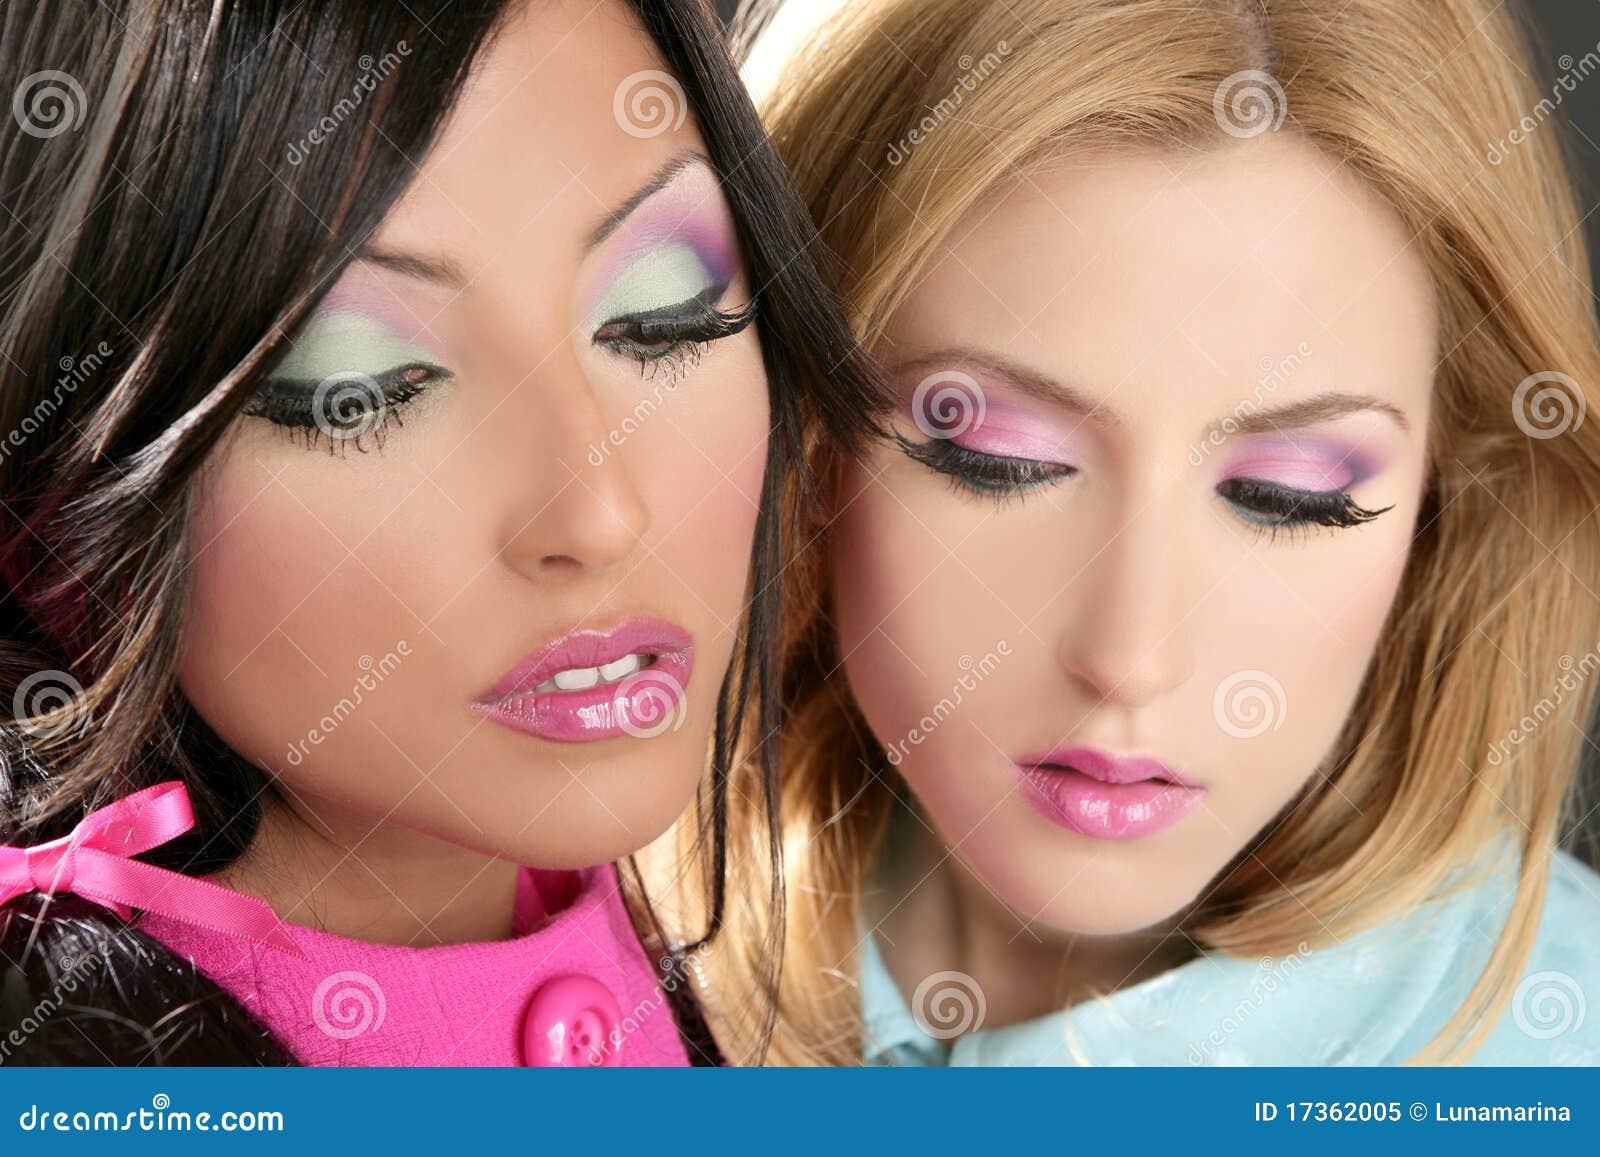 Maquillaje Del Fahion Del Estilo De Los Años 80 De La Muñeca De Las